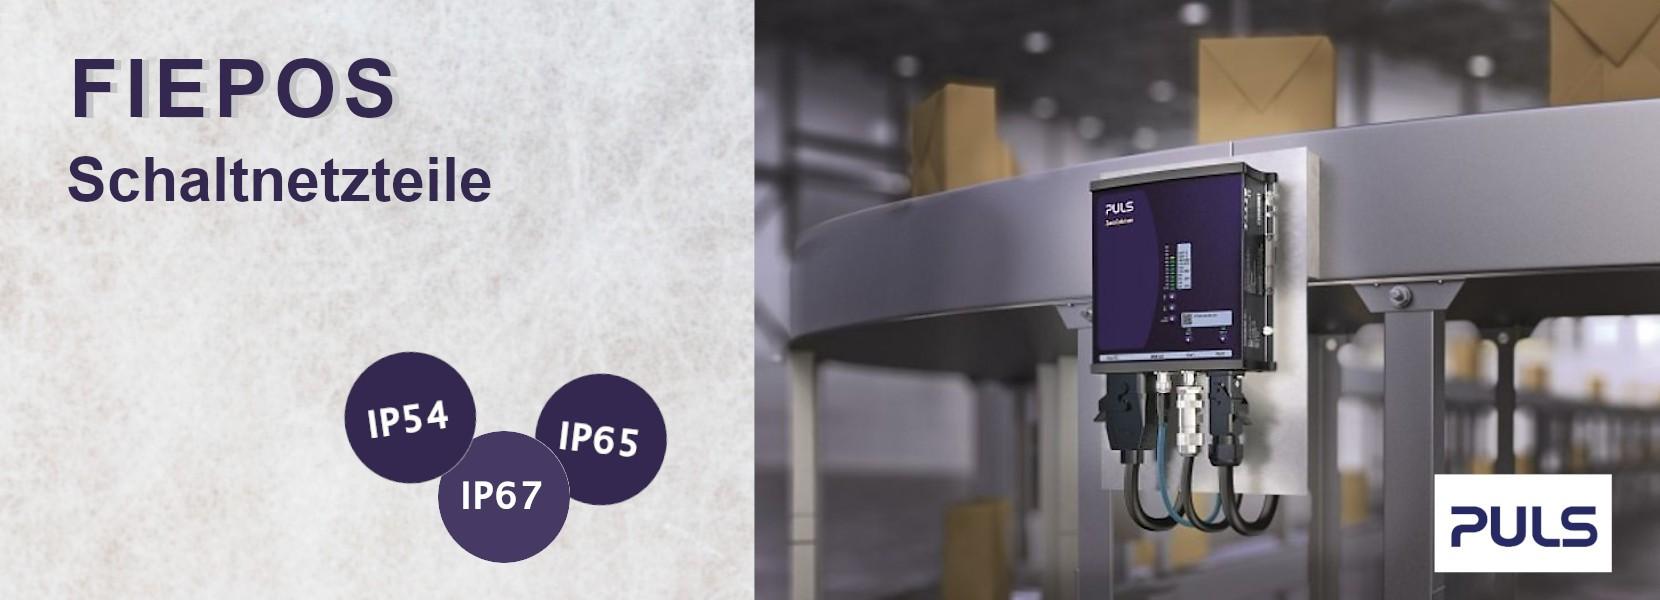 FIEPOS – IP54, IP65 und IP67 Schaltnetzteile